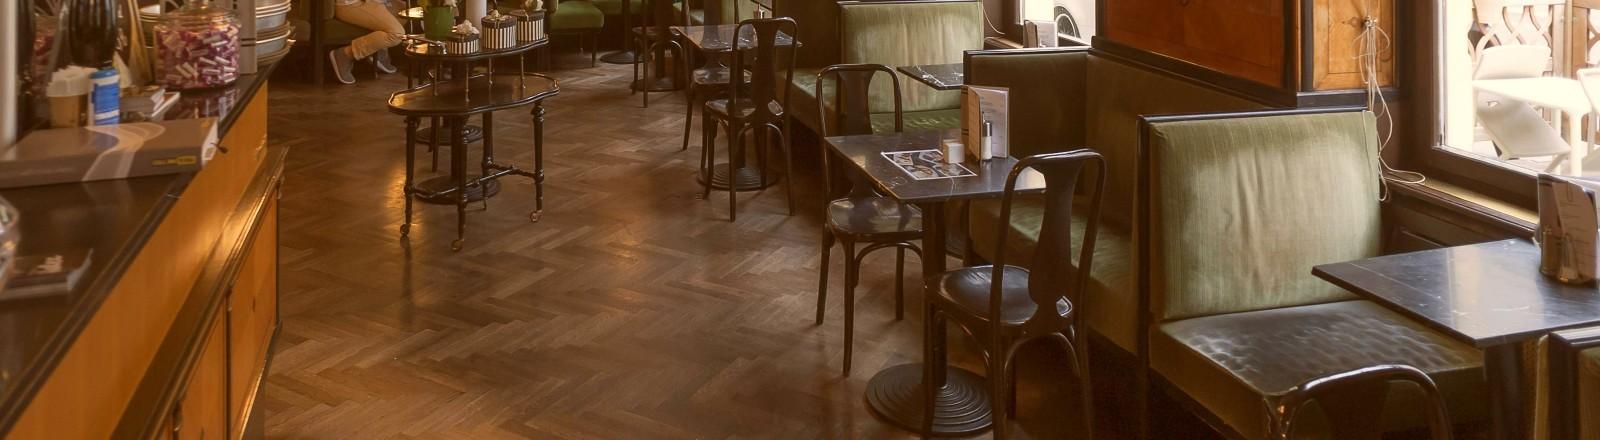 Kaffeehaus Goldegg in Wien von innen.